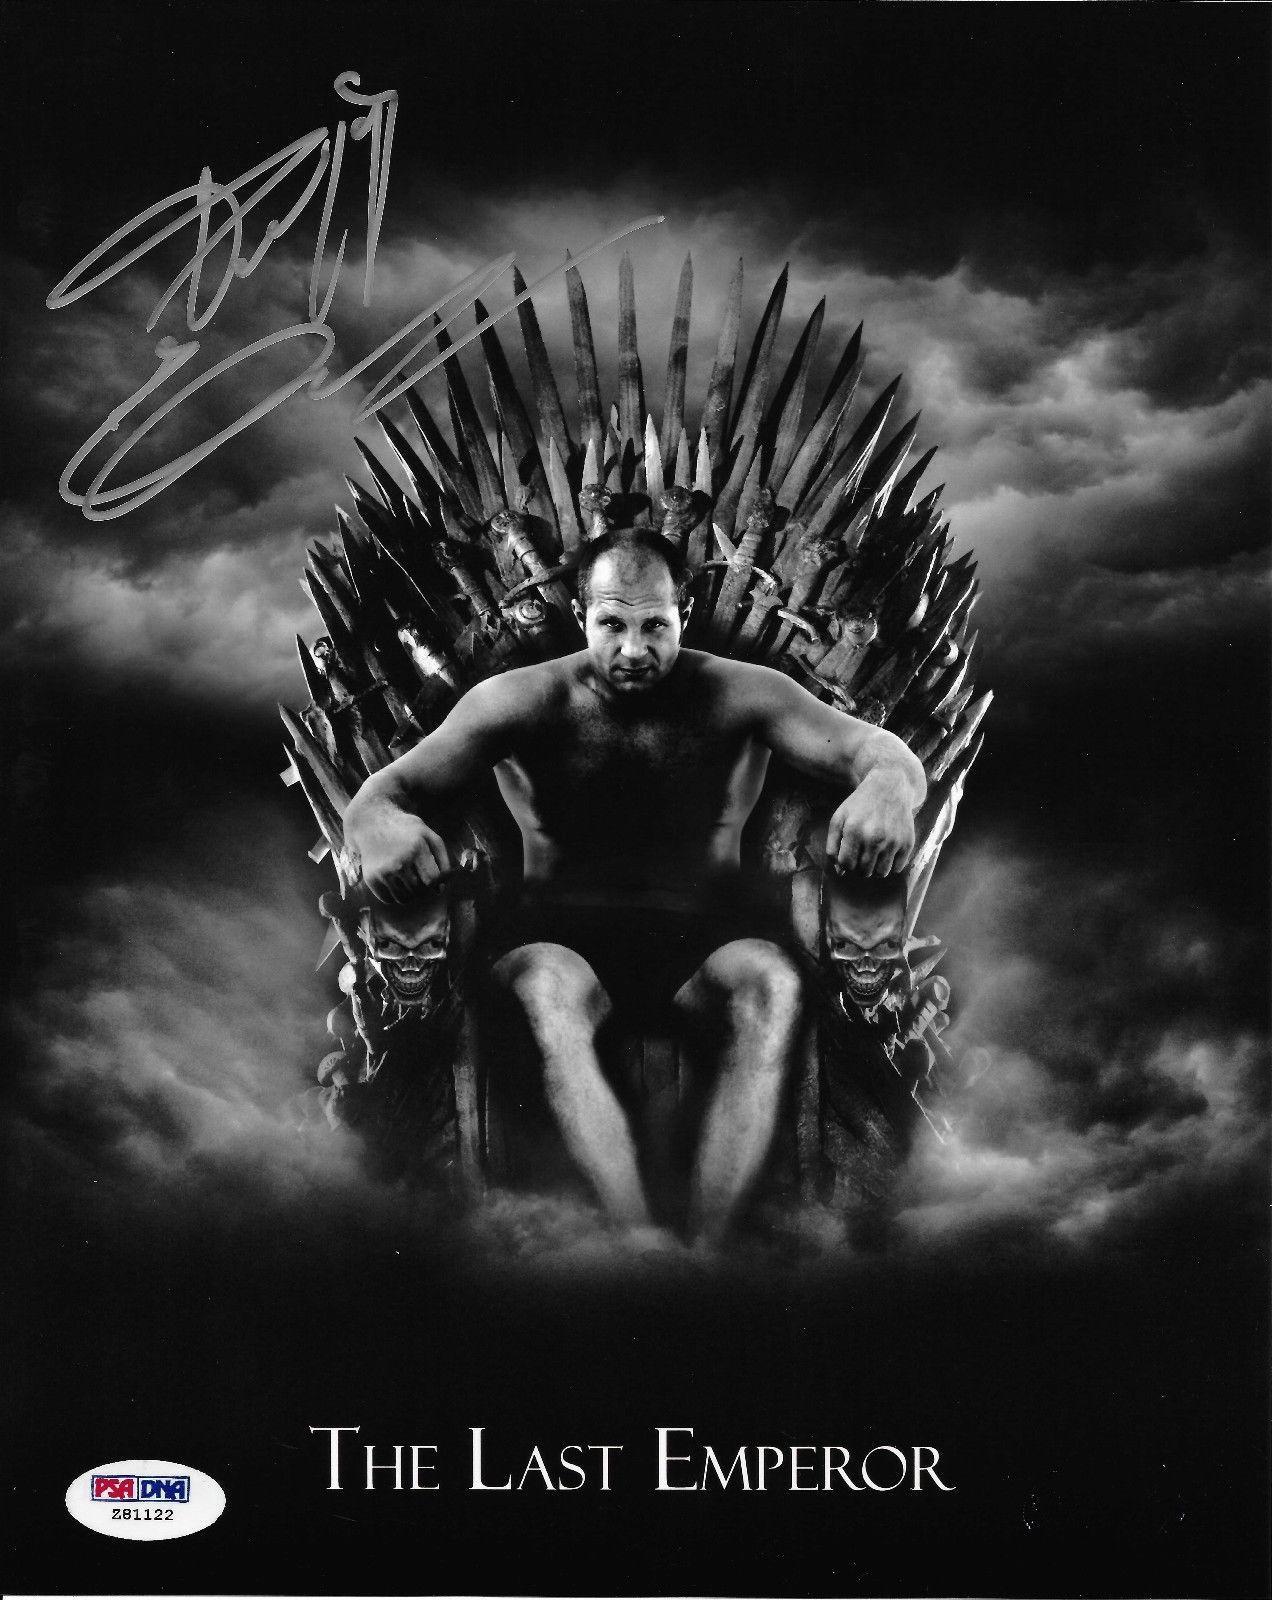 Fedor Emelianenko Signed 8x10 Photo PSA/DNA COA Game of Thrones Picture Pride FC